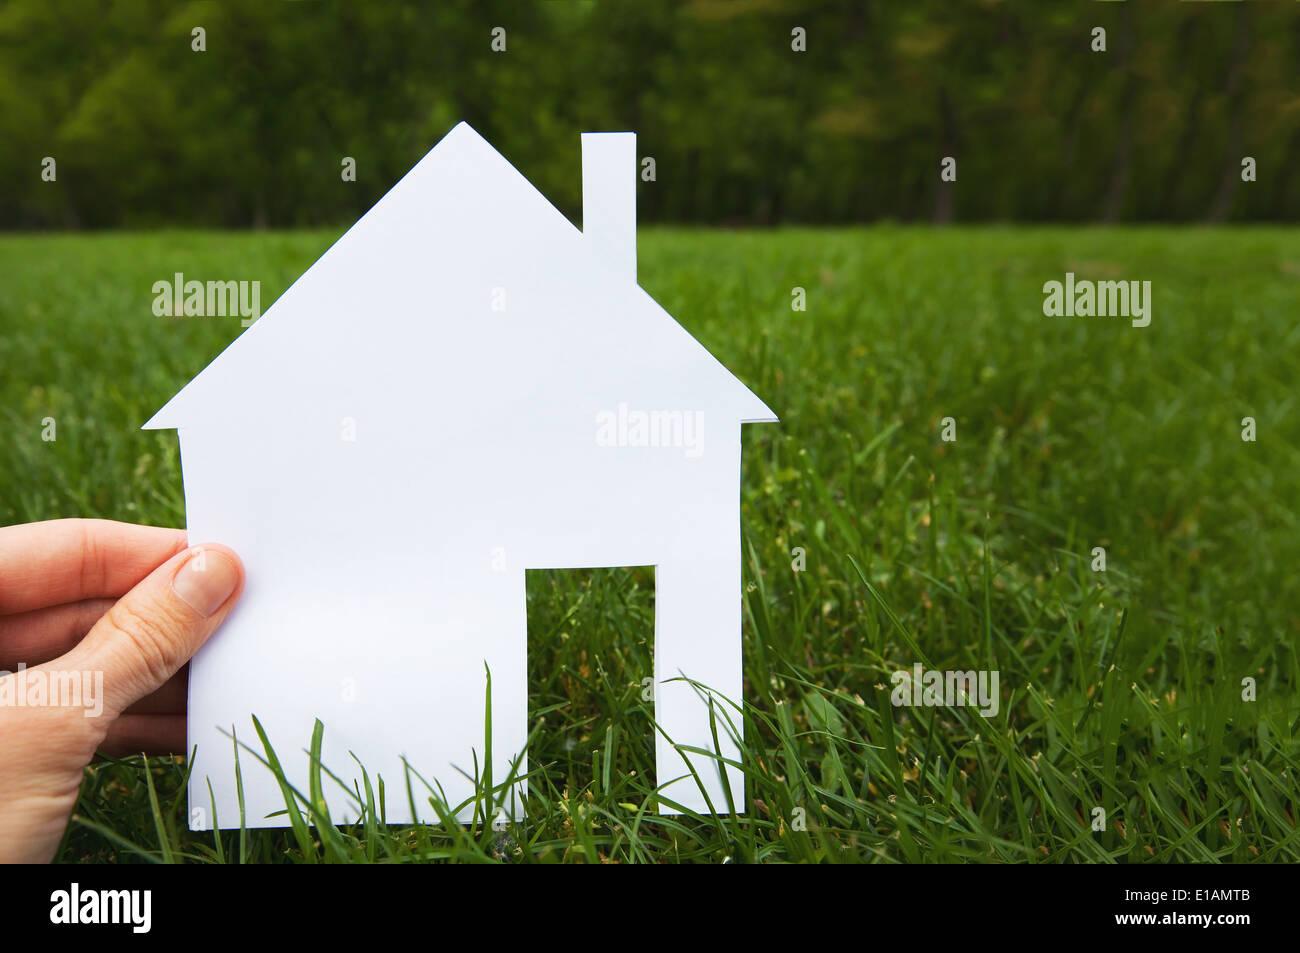 Immobilien-Konzept, Hand, hält Haus Stockbild